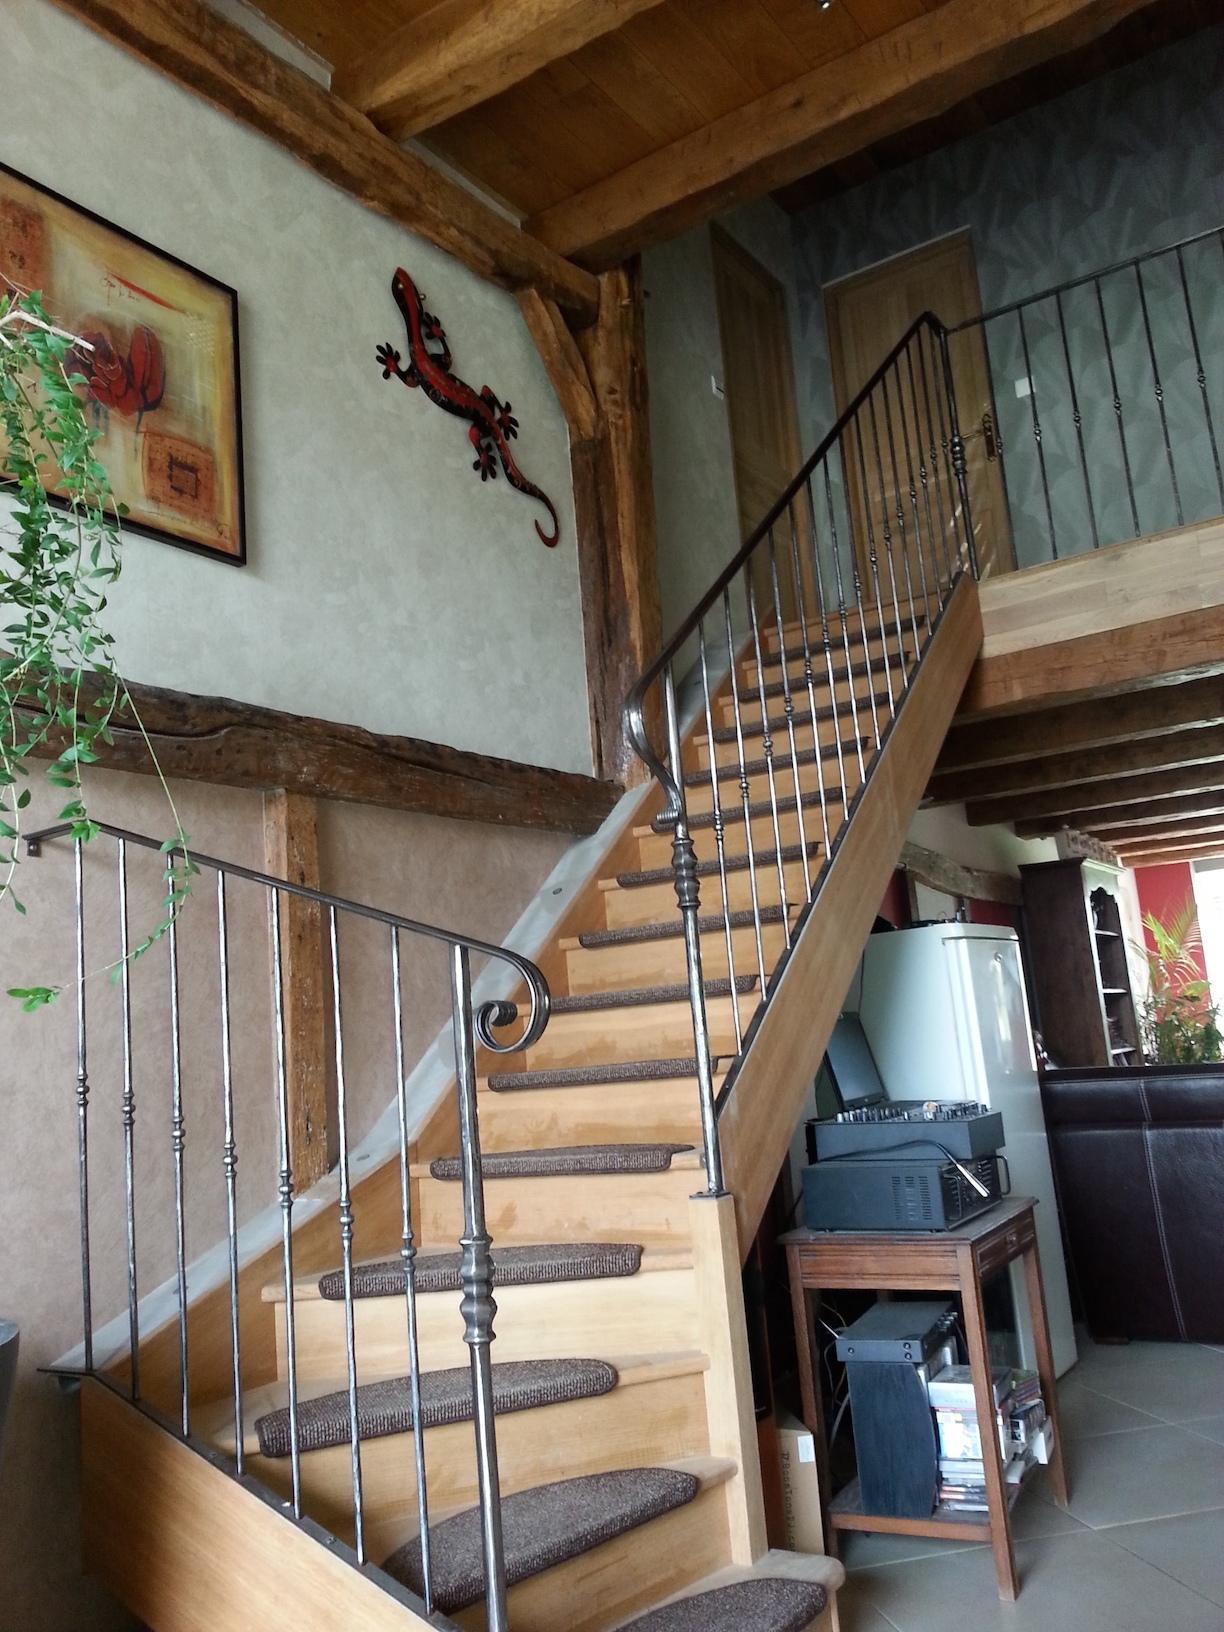 Très belle création et fabrication complète par notre client d'une rampe d'escalier en fer forgé . Réalisation complète à partir de notre gamme de pièces détachées. Localisation Haute Marne